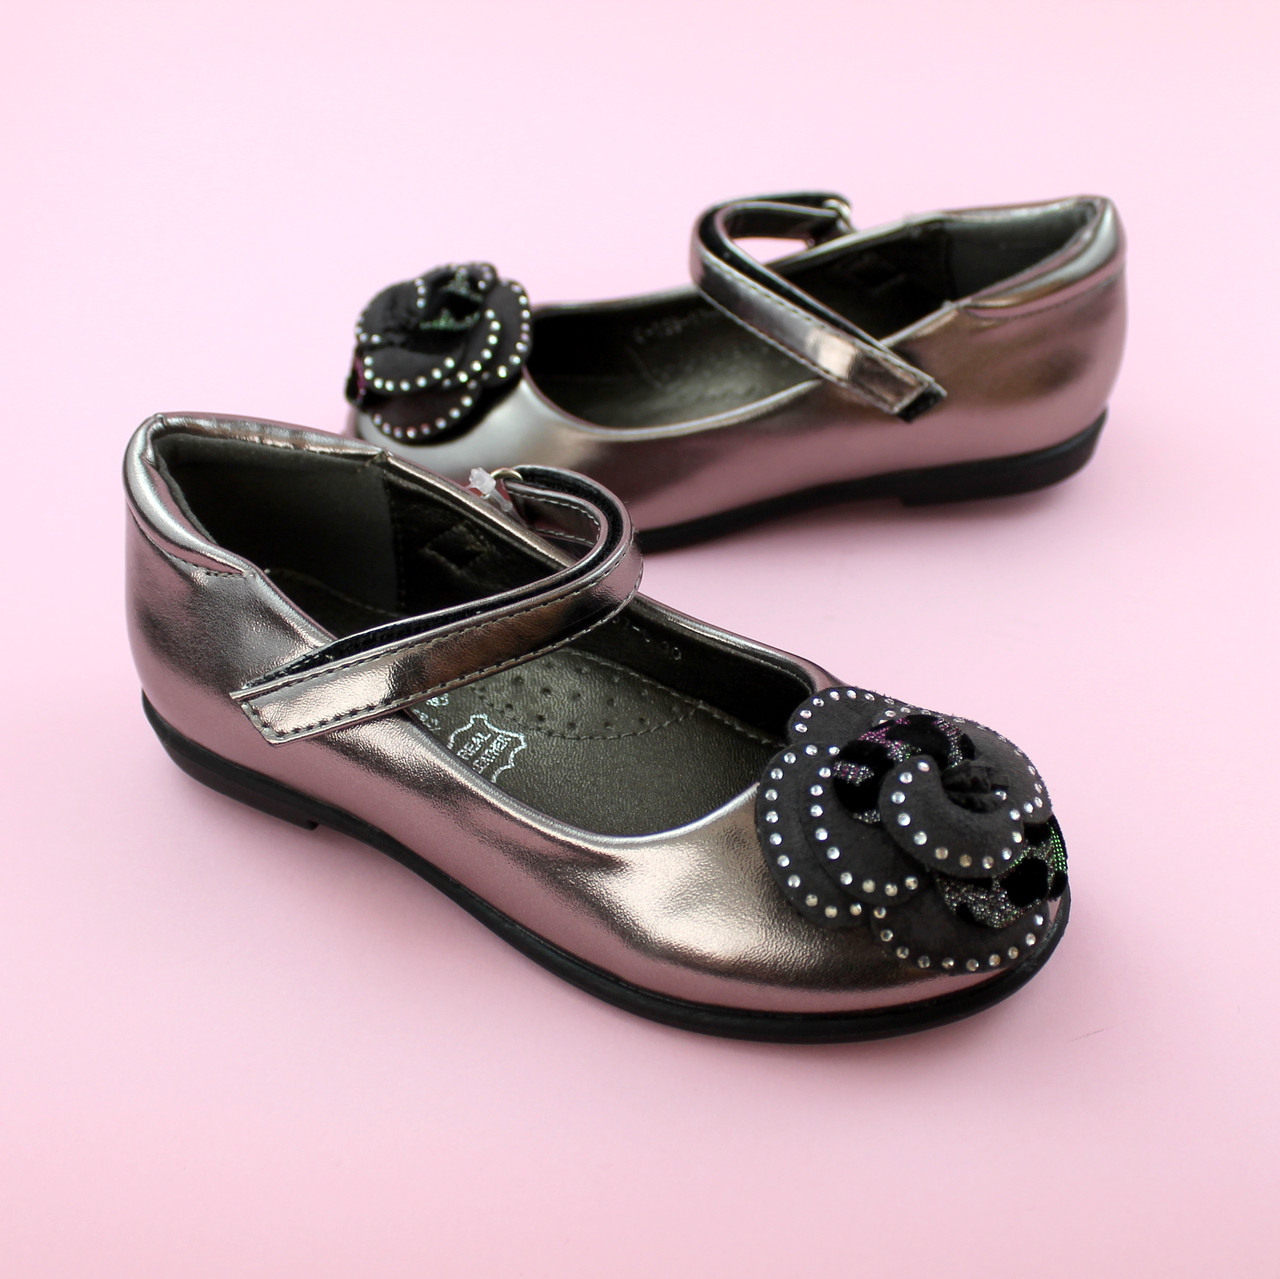 Дитячі туфлі для дівчинки Срібло взуття Тому.м розмір 28,35